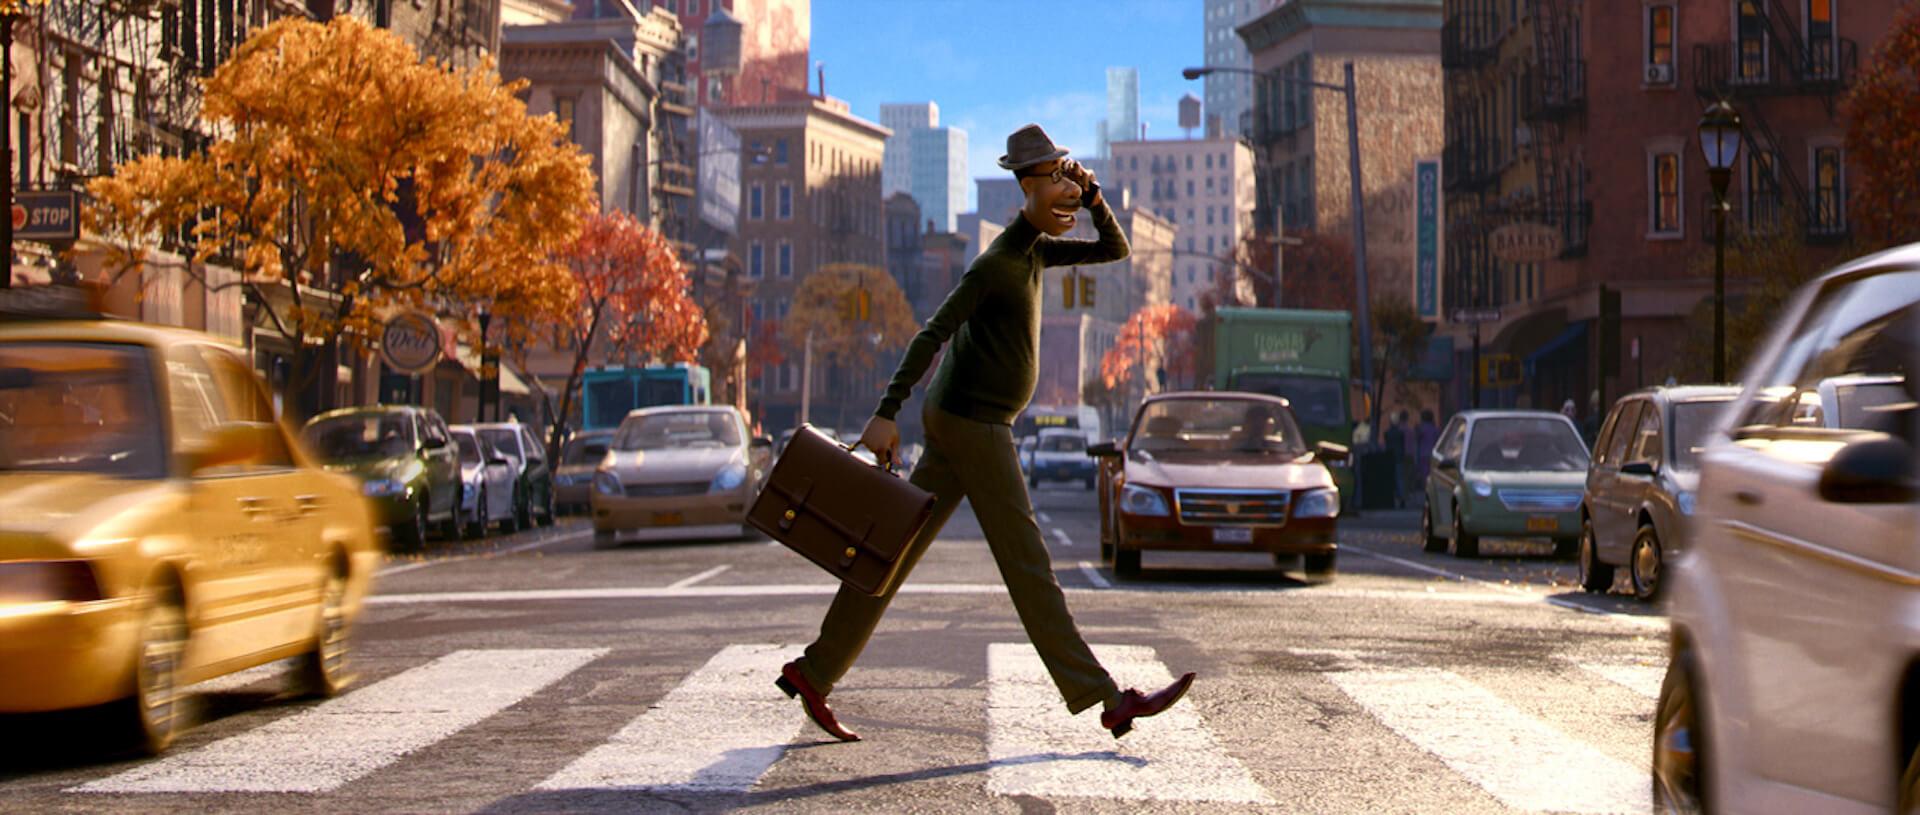 ディズニープラスで配信の『ソウルフル・ワールド』ジェイミー・フォックスが語るジョーのキャラクター性とは?ディズニー&ピクサー最新作の特別映像が解禁! film201215_soulfullworld_specialmovie_1